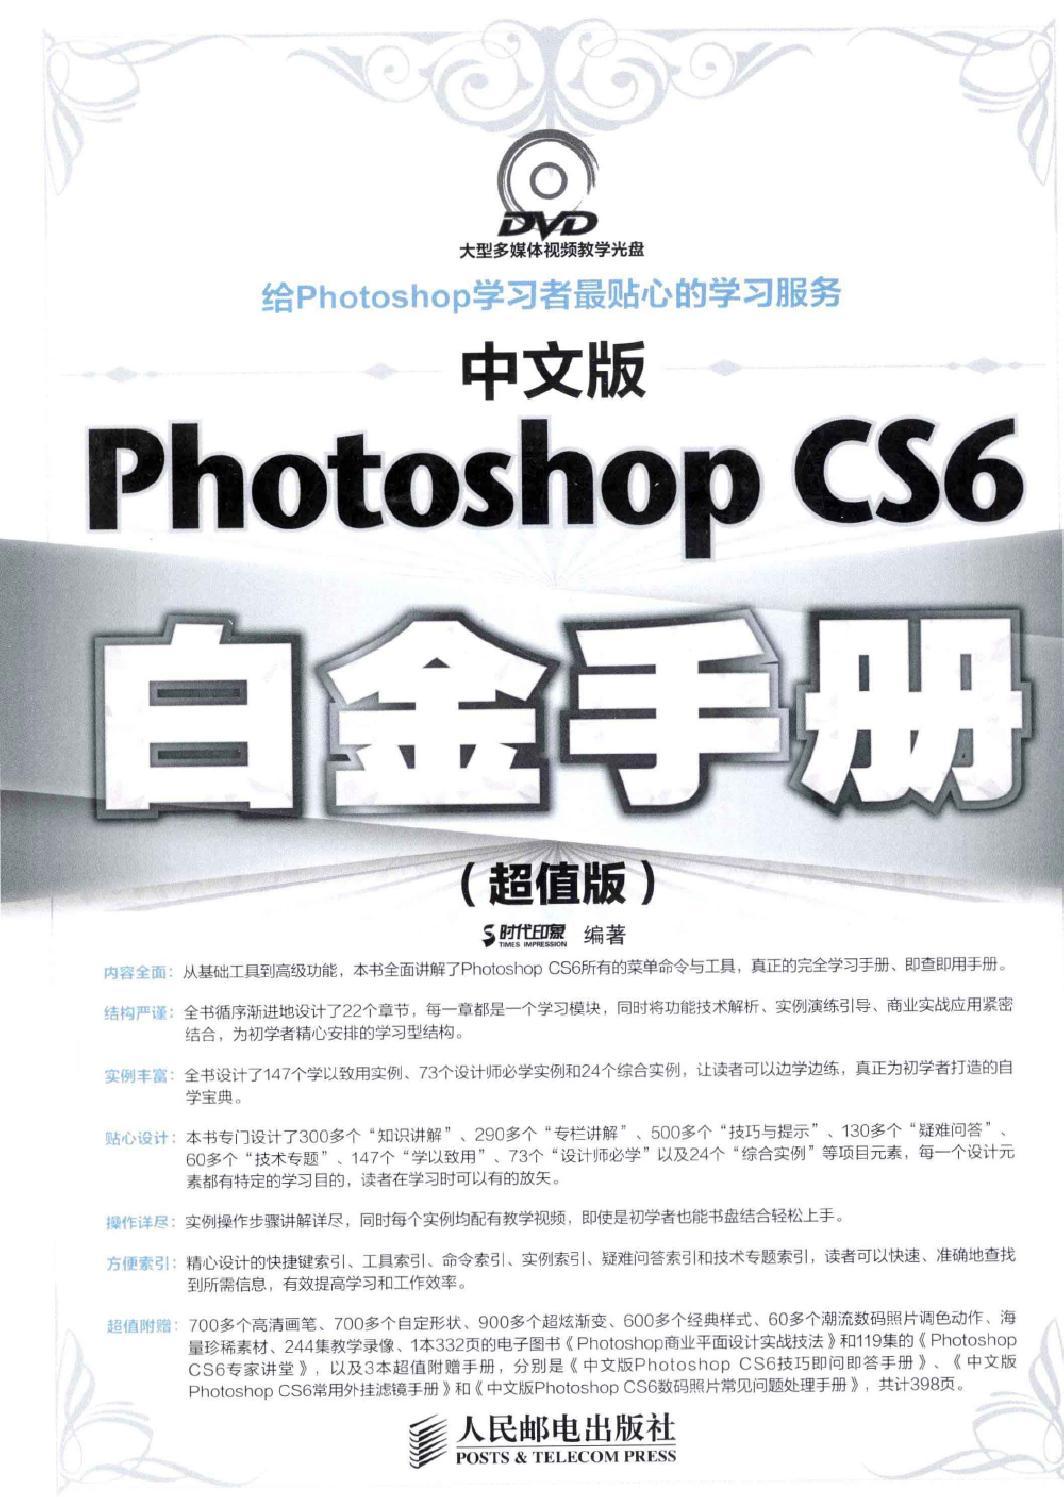 中文版Photoshop CS6白金手册 超值版 高清 电子书 pdf [时代印象编著][][2014.01